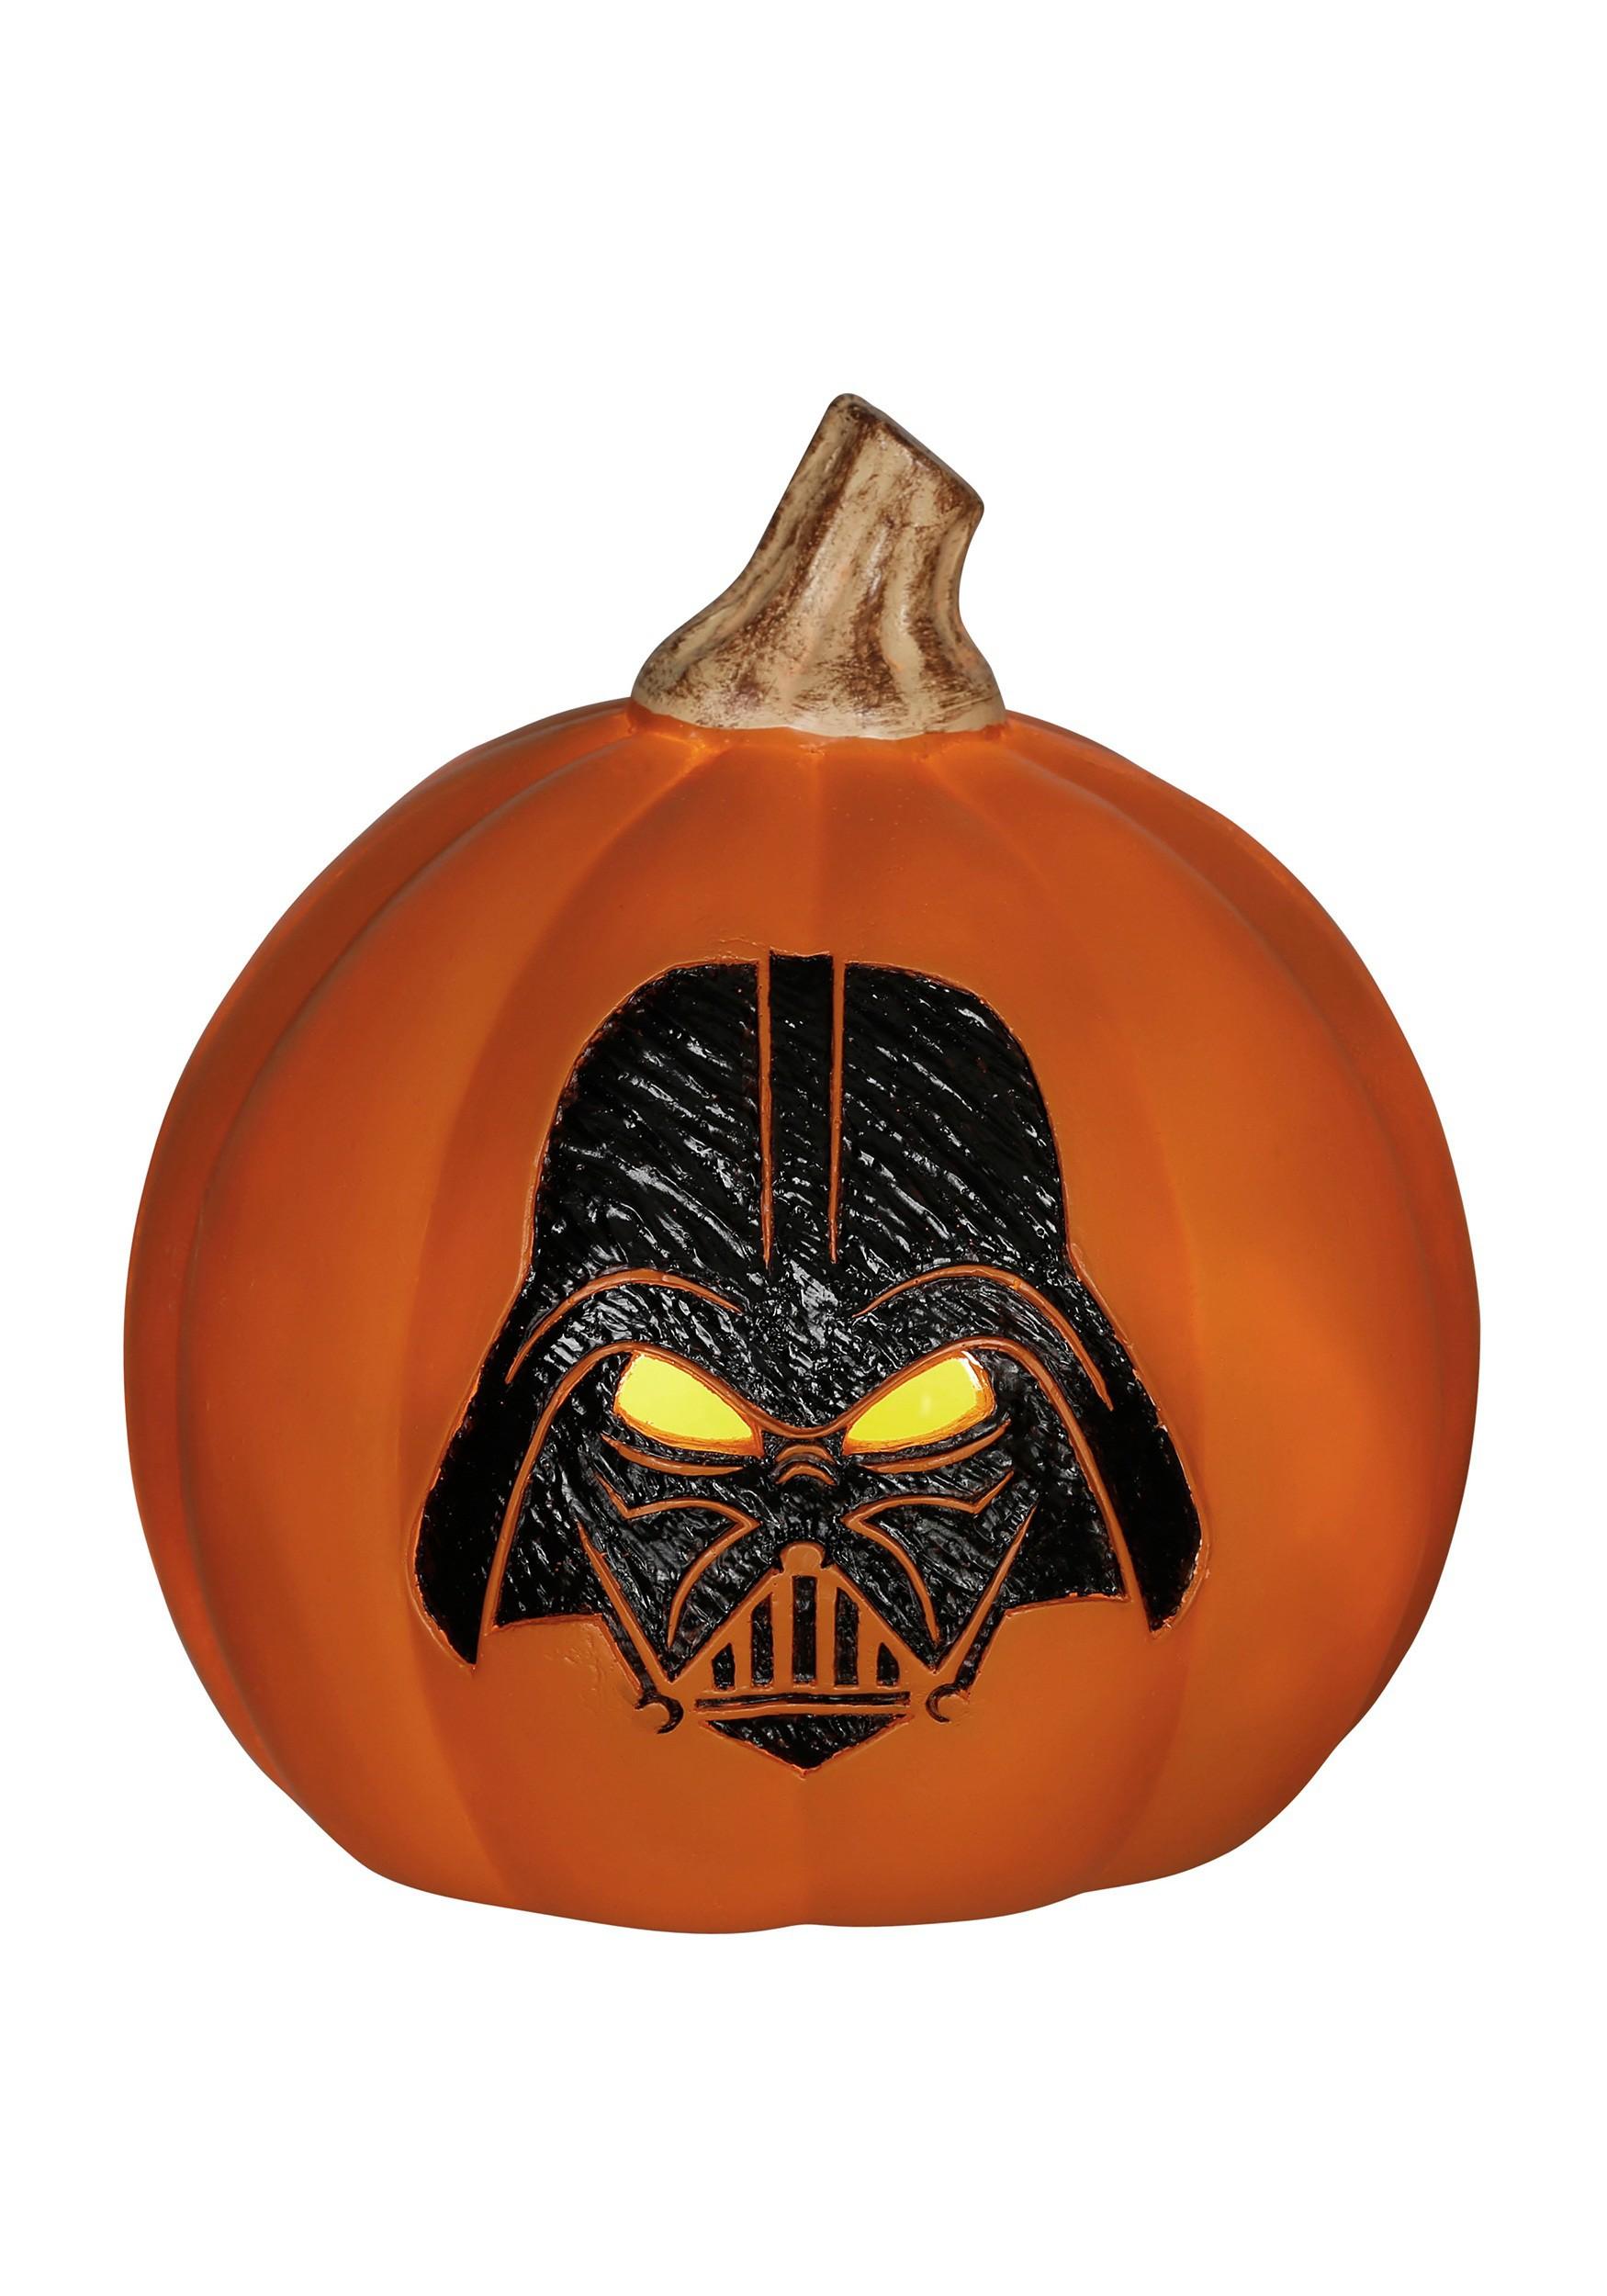 star wars darth vader light up orange pumpkinstar wars darth vader light up orange pumpkin jpg